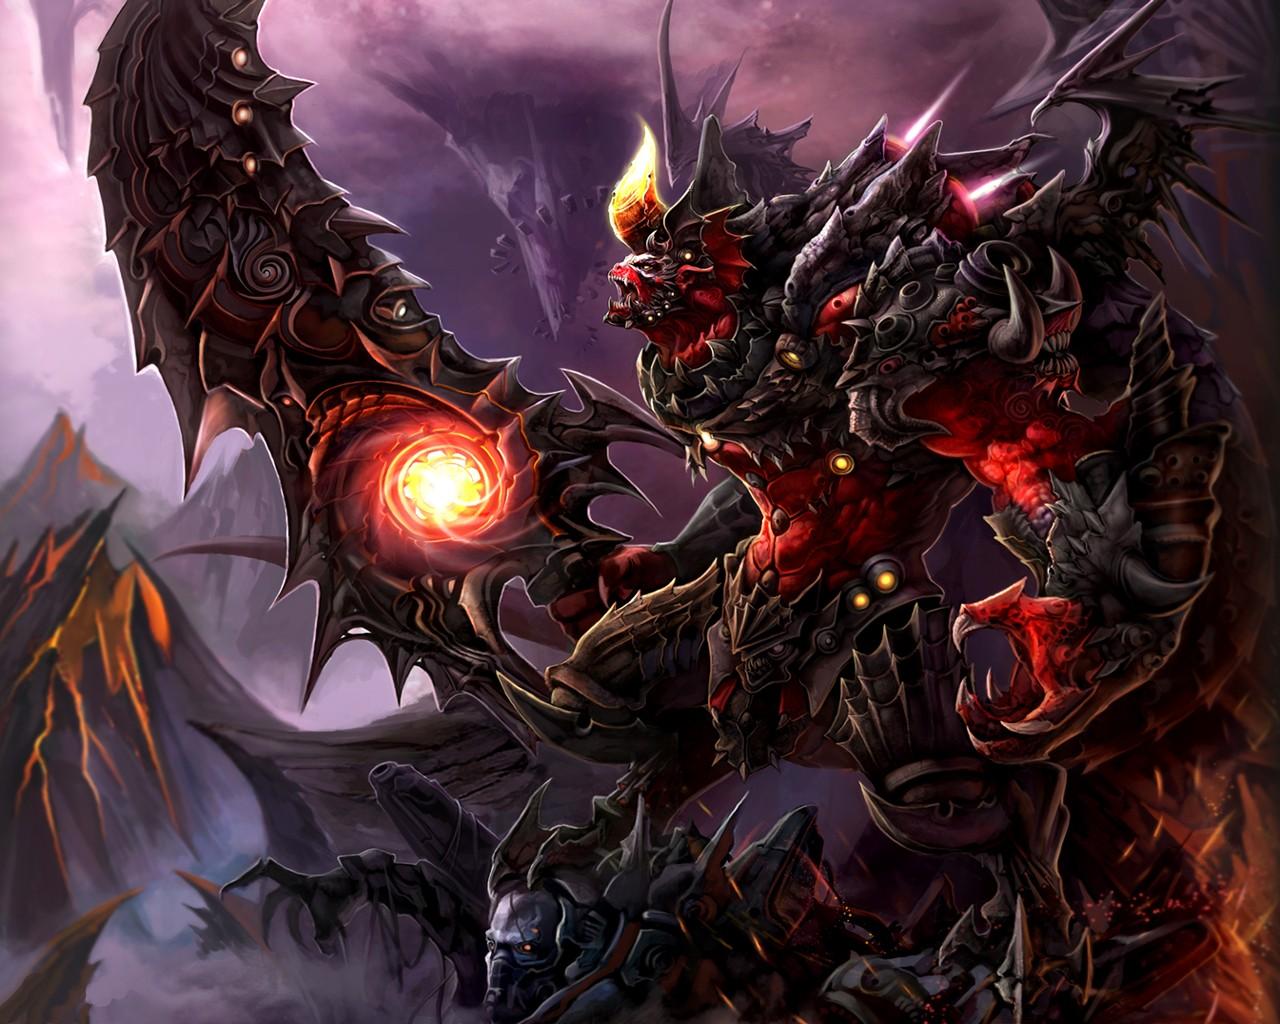 Wallpaper - Dark Fantasy Art Demon - HD Wallpaper